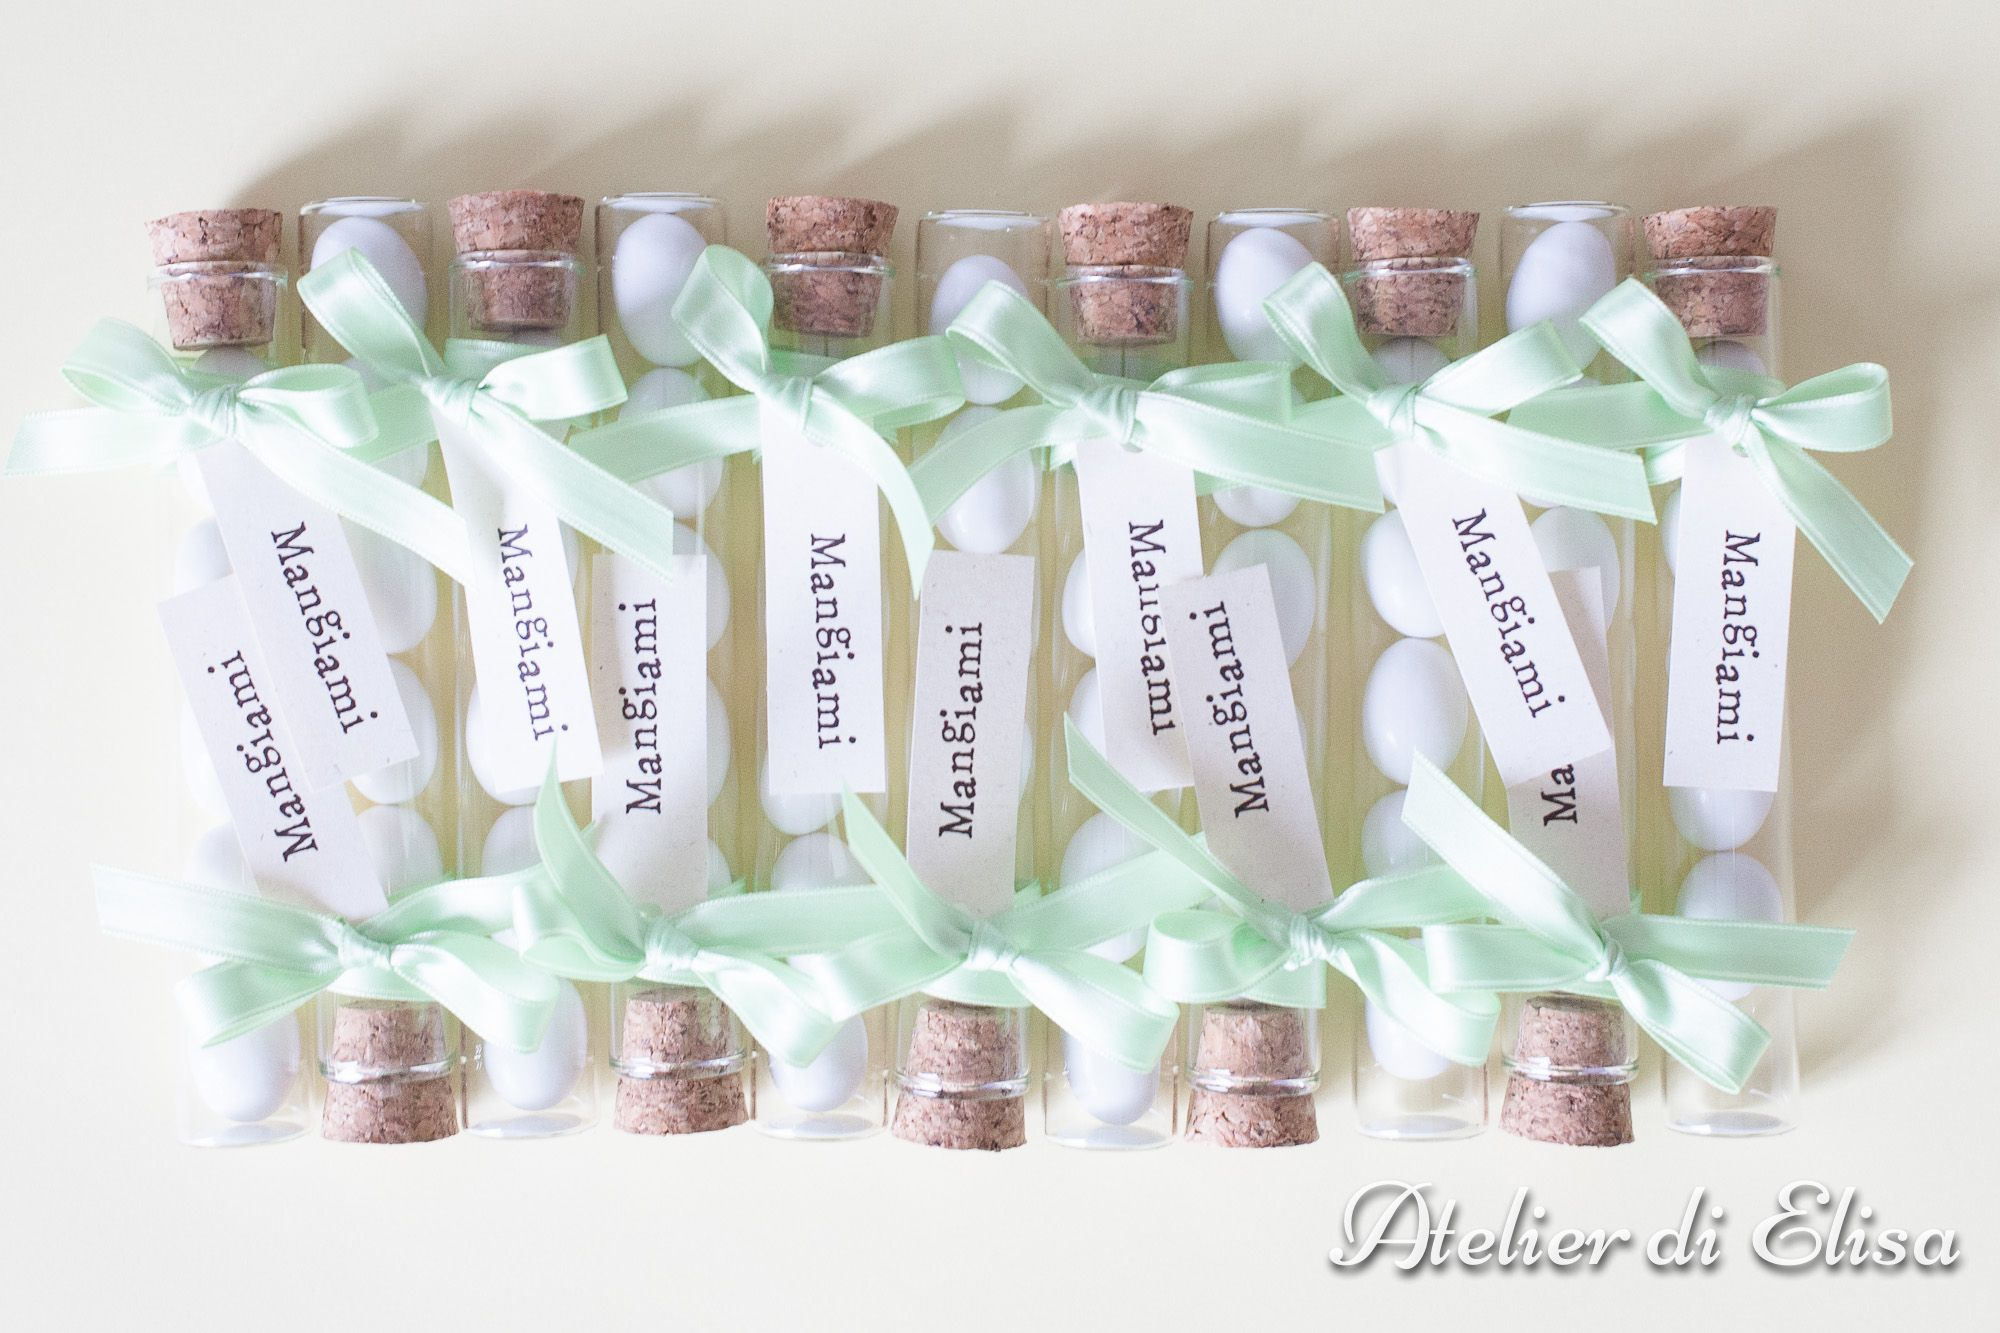 """Matrimonio Roberto & Samantha, 12 luglio 2014: tema del matrimonio ... """"Alice in Wonderland""""!!!! FANTASTICOOOOOOOO!!!! Fialette di vetro con confetti Maxtris Classici, nastrino verde pastello abbinato all'abito della sposa e simpatici bigliettini ... """"MANGIAMI""""!!!! Photo: Federico Zugna - Fotografie http://www.federicozugna.com/FEDERICOZUGNA_-_Fotografo_a_Trieste.html Copyright Federico Zugna"""